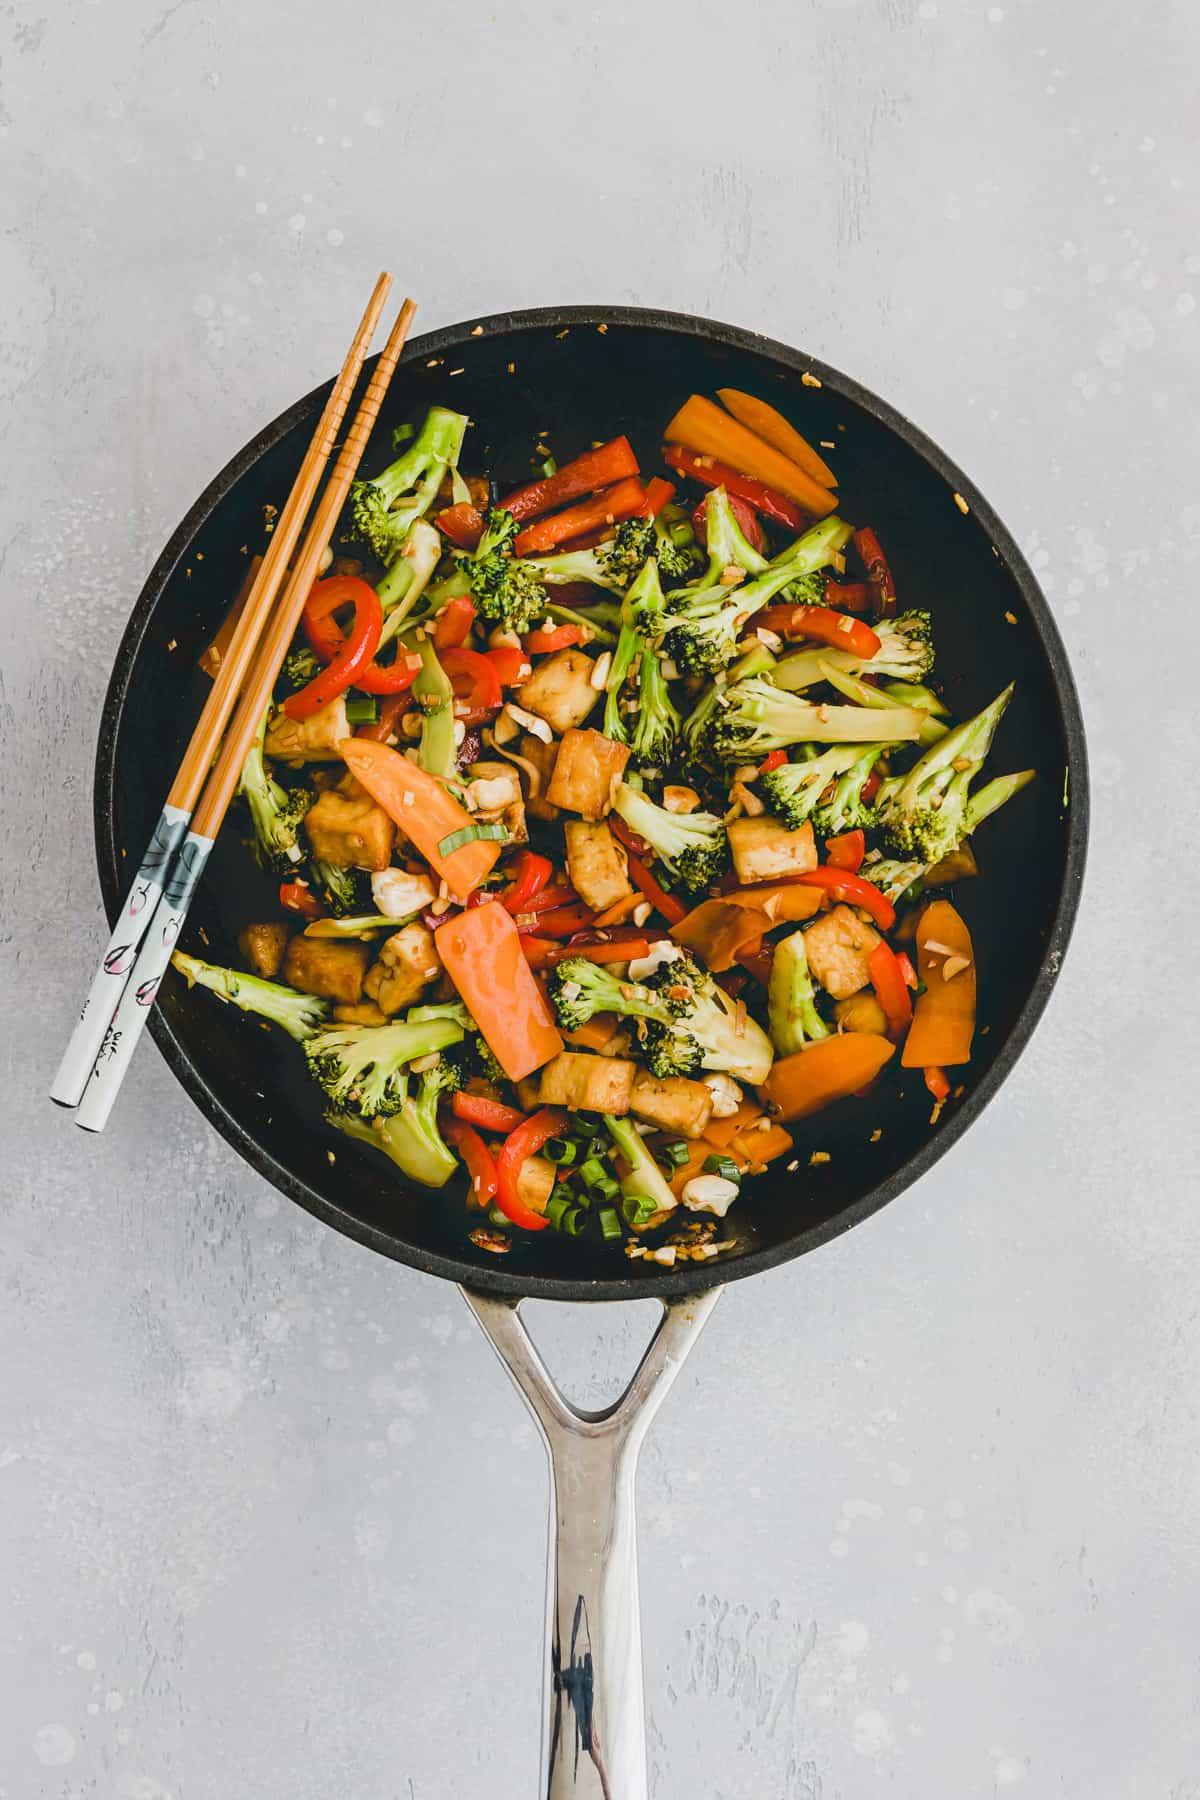 Tofu Stir Fry Recipe Step 8